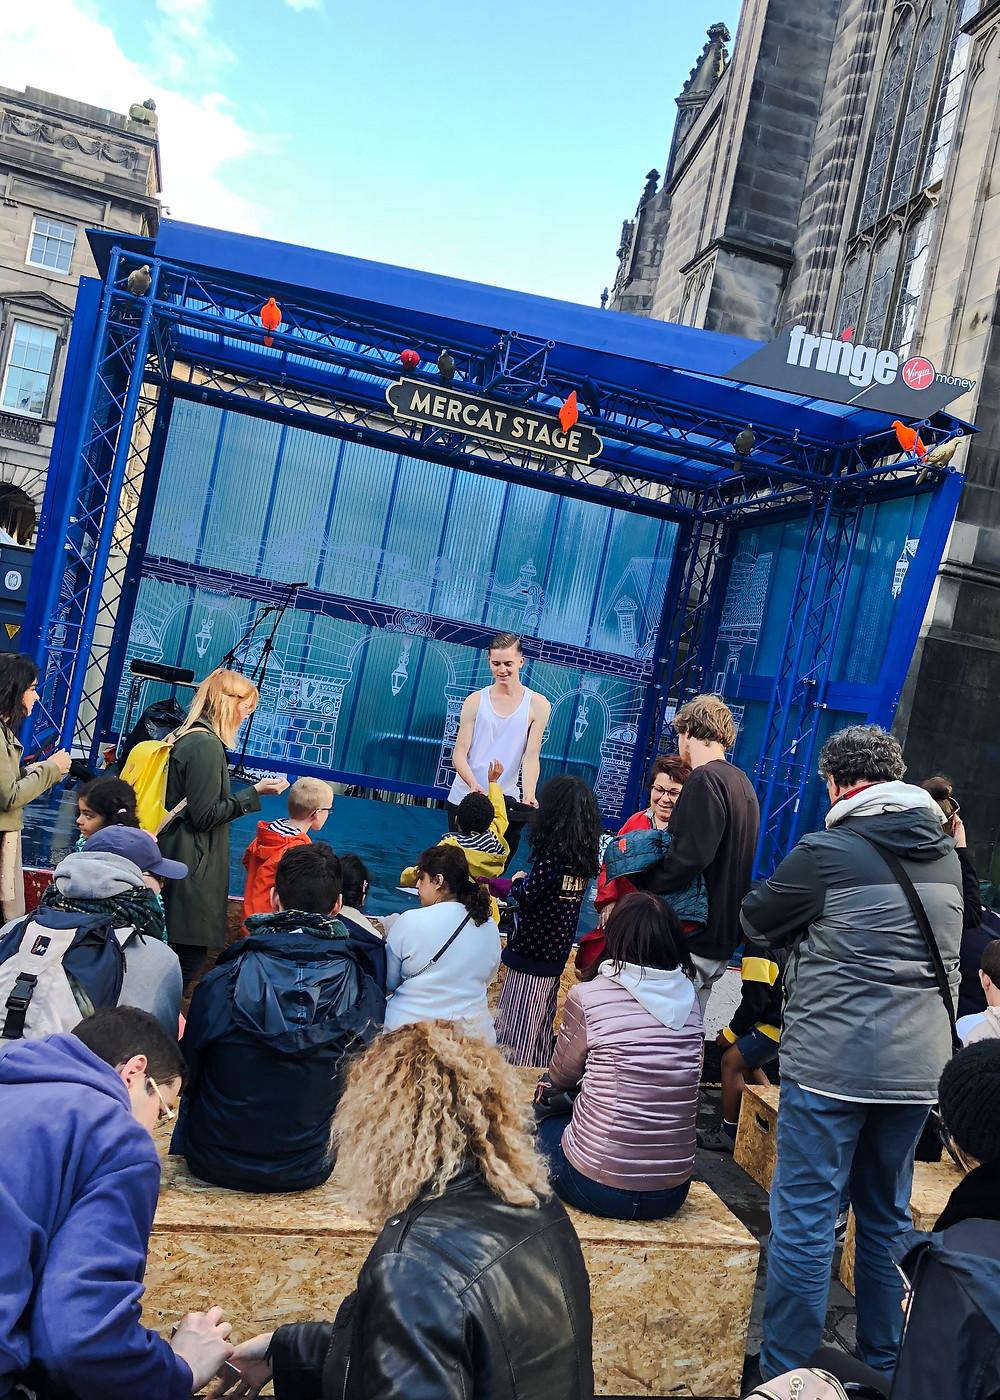 演出過後,觀眾紛紛以實際行動支持街頭藝人。